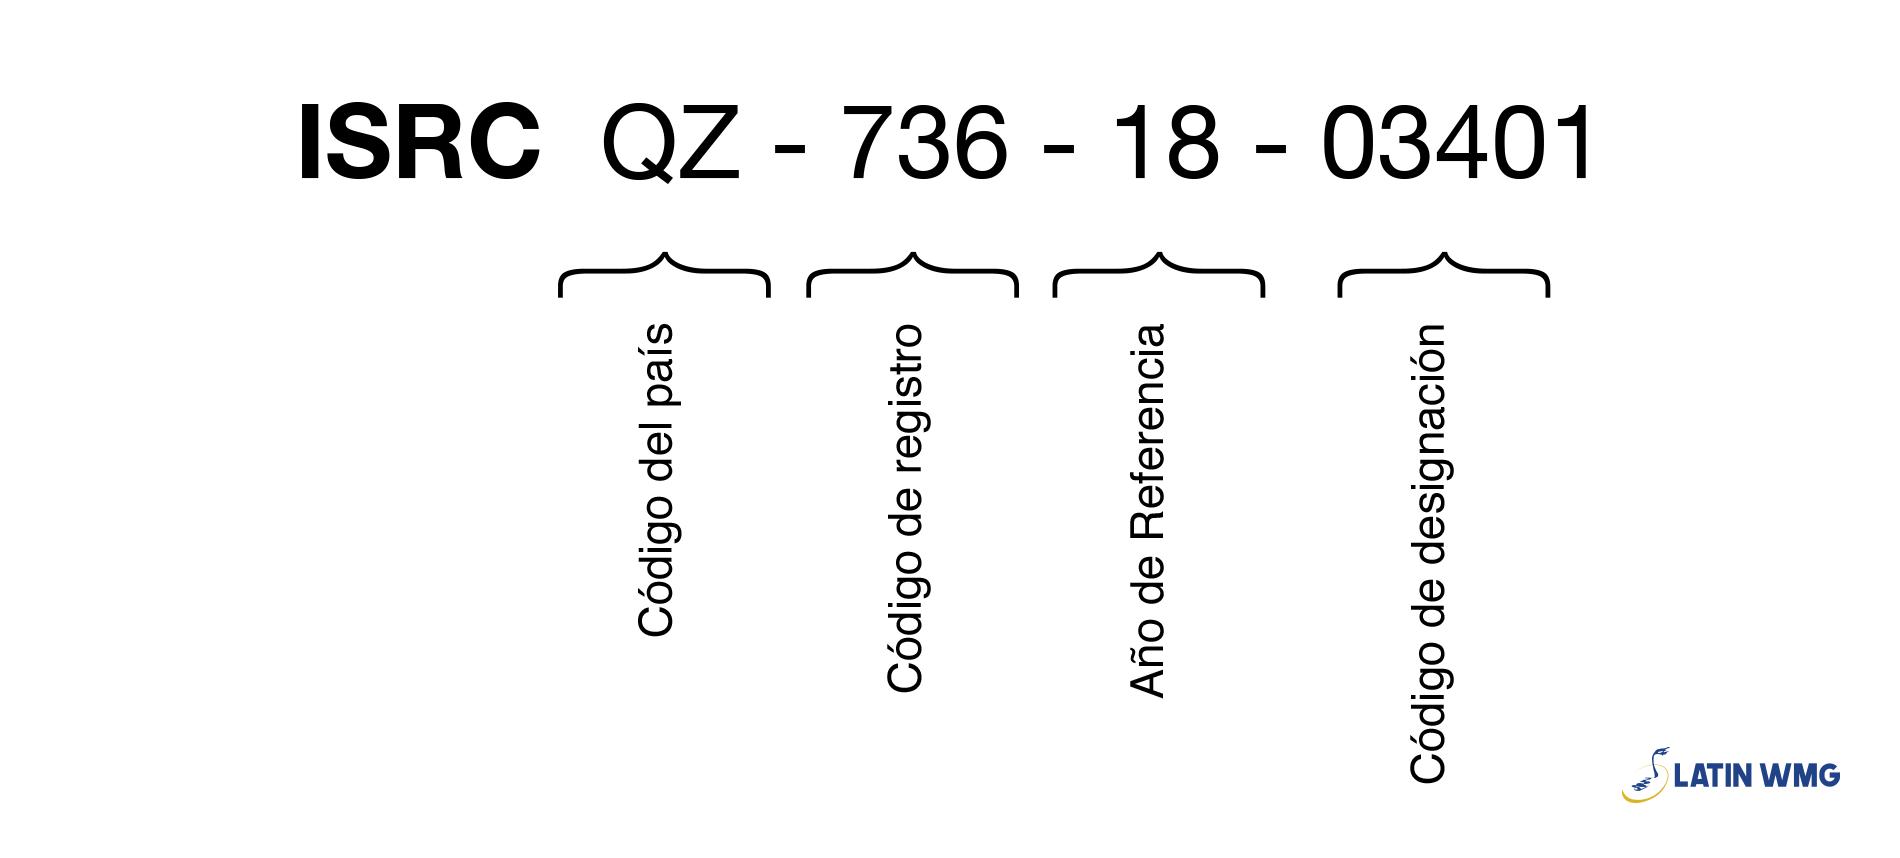 Estructura del código ISRC